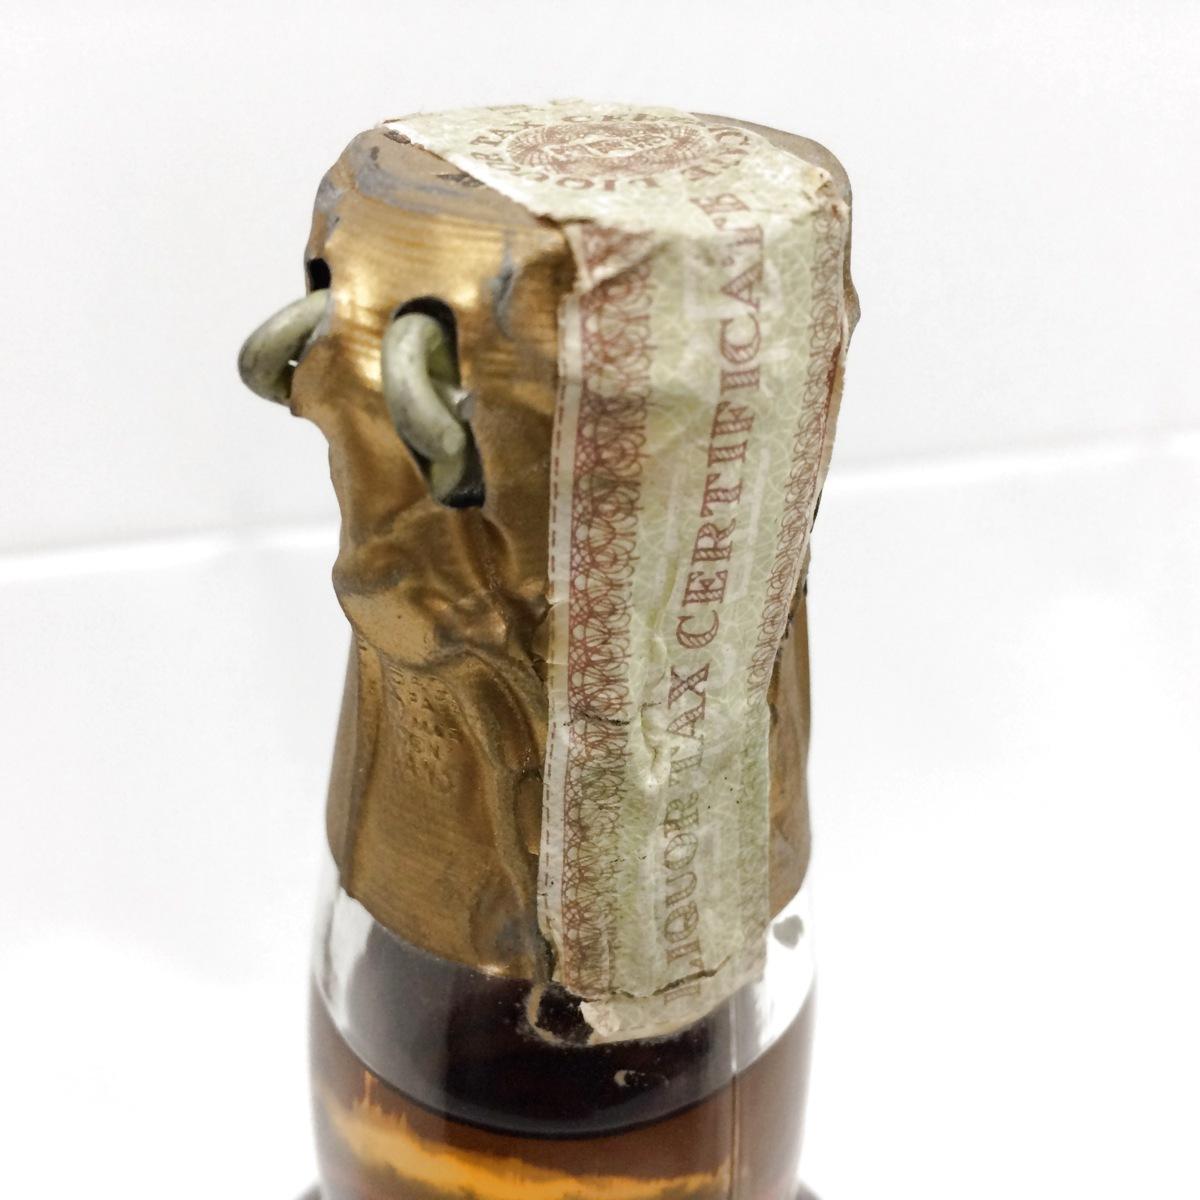 7-1973古酒・未開栓 ホワイトホース ヴィンテージ ティンキャップ スコッチウィスキー 760ml 43%特級 セラー表記_画像4